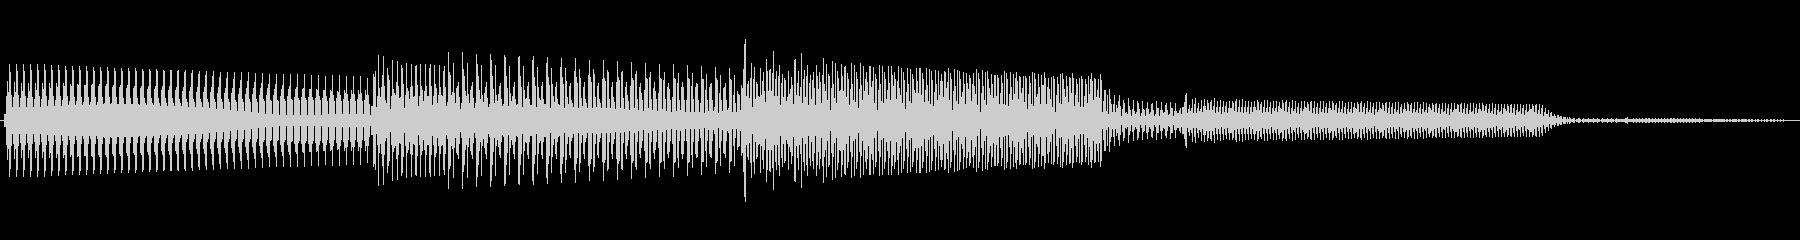 ボタン決定音システム選択タッチ登録B07の未再生の波形